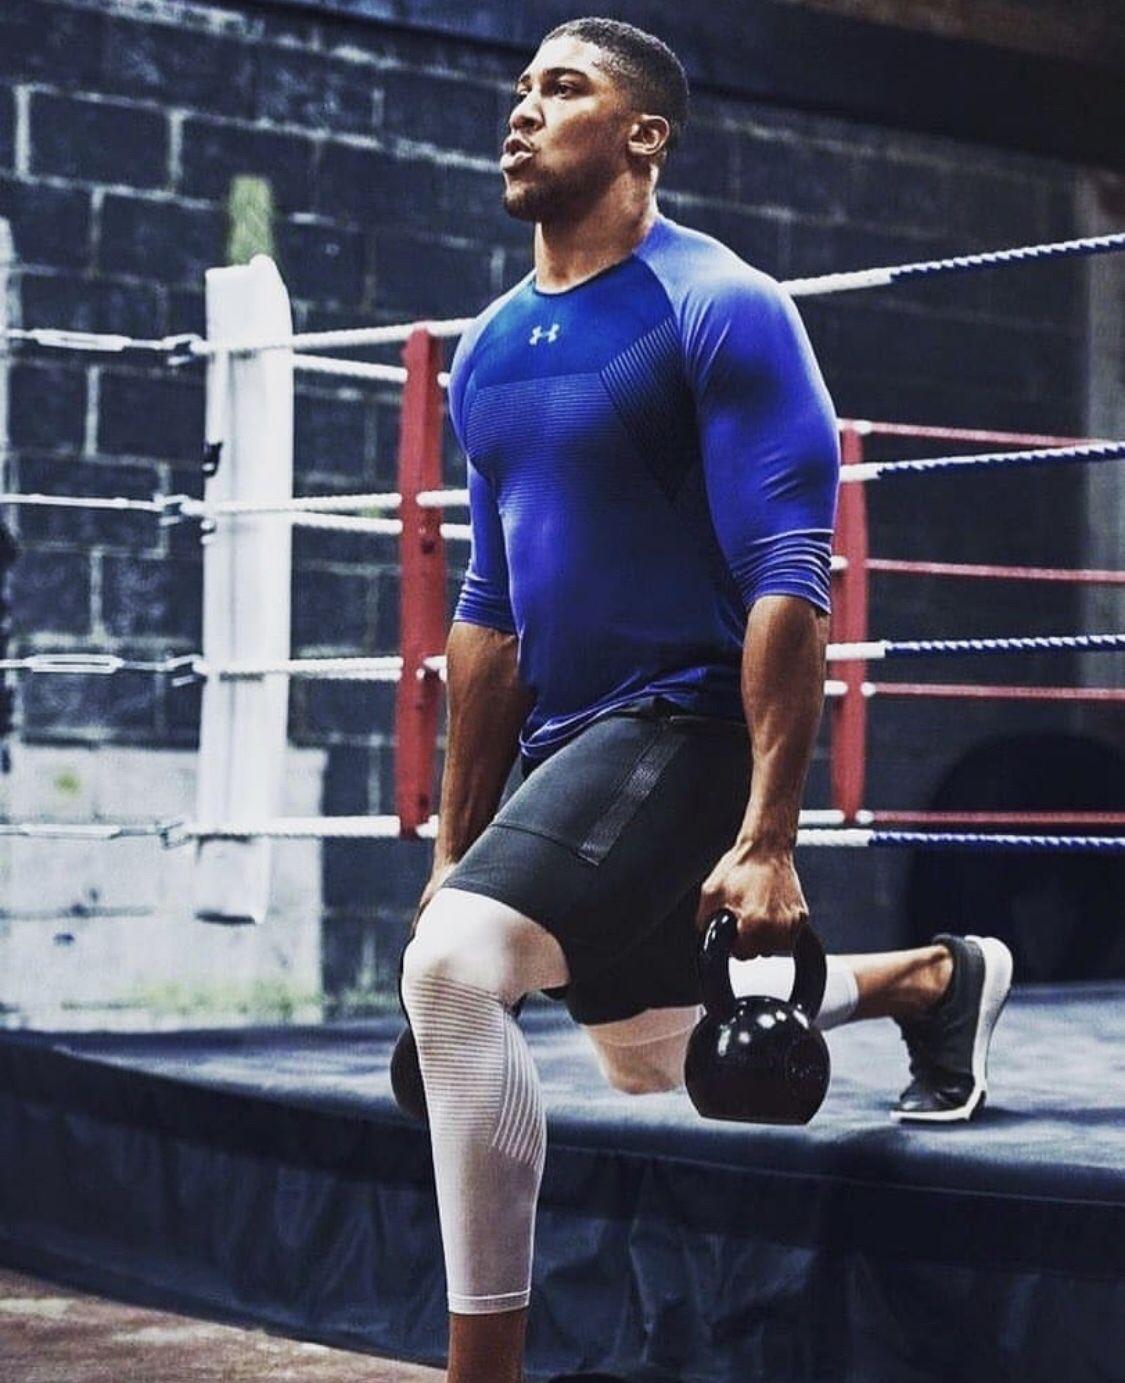 Boxing anthony joshua, Anthony joshua